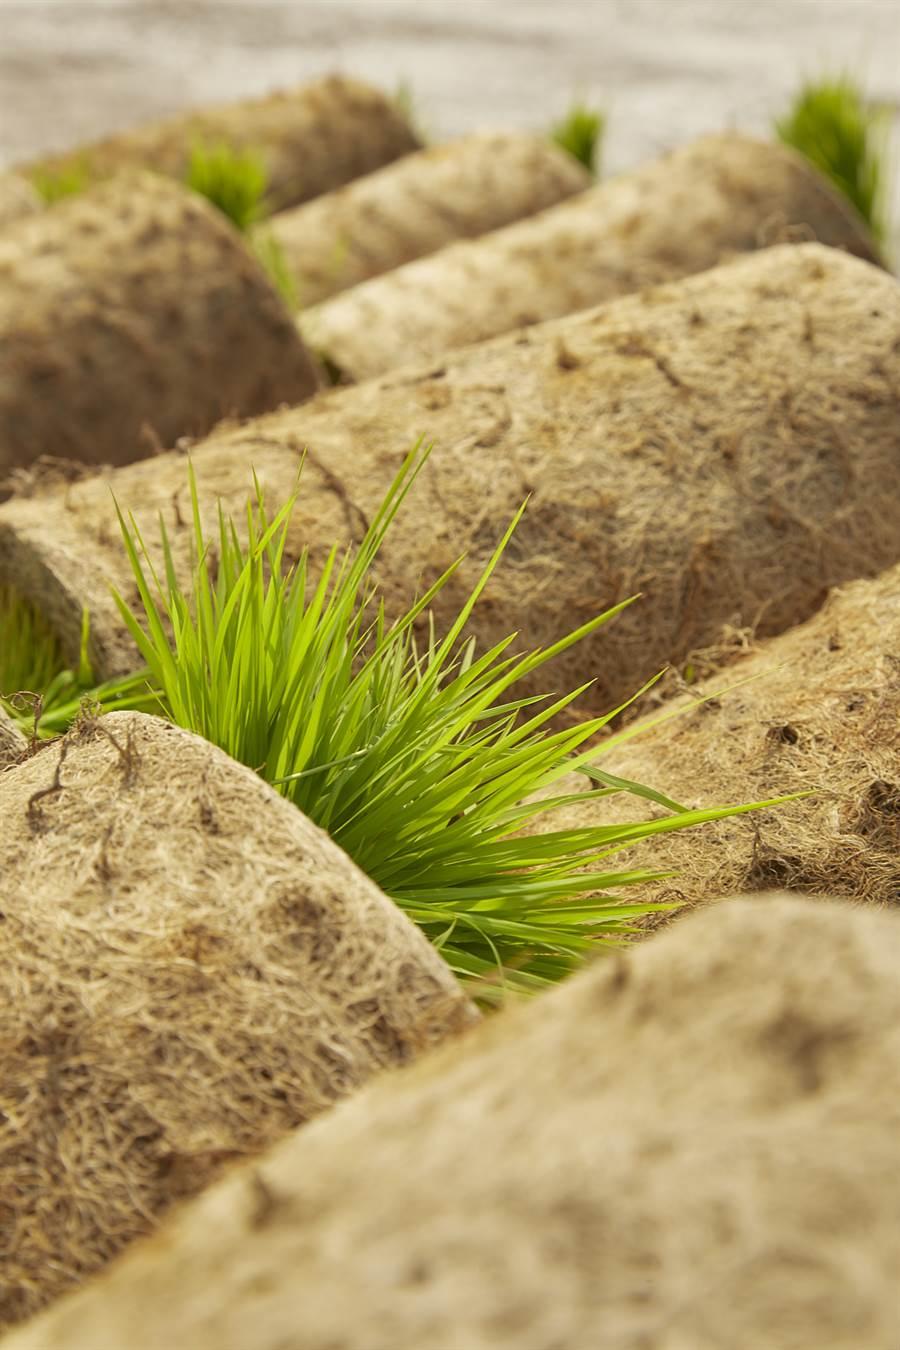 育苗場會將秧苗種在秧床上,等秧苗長到一個拳頭在高一點,再捲秧、交給農人到田裡插秧(圖/林盟山攝)